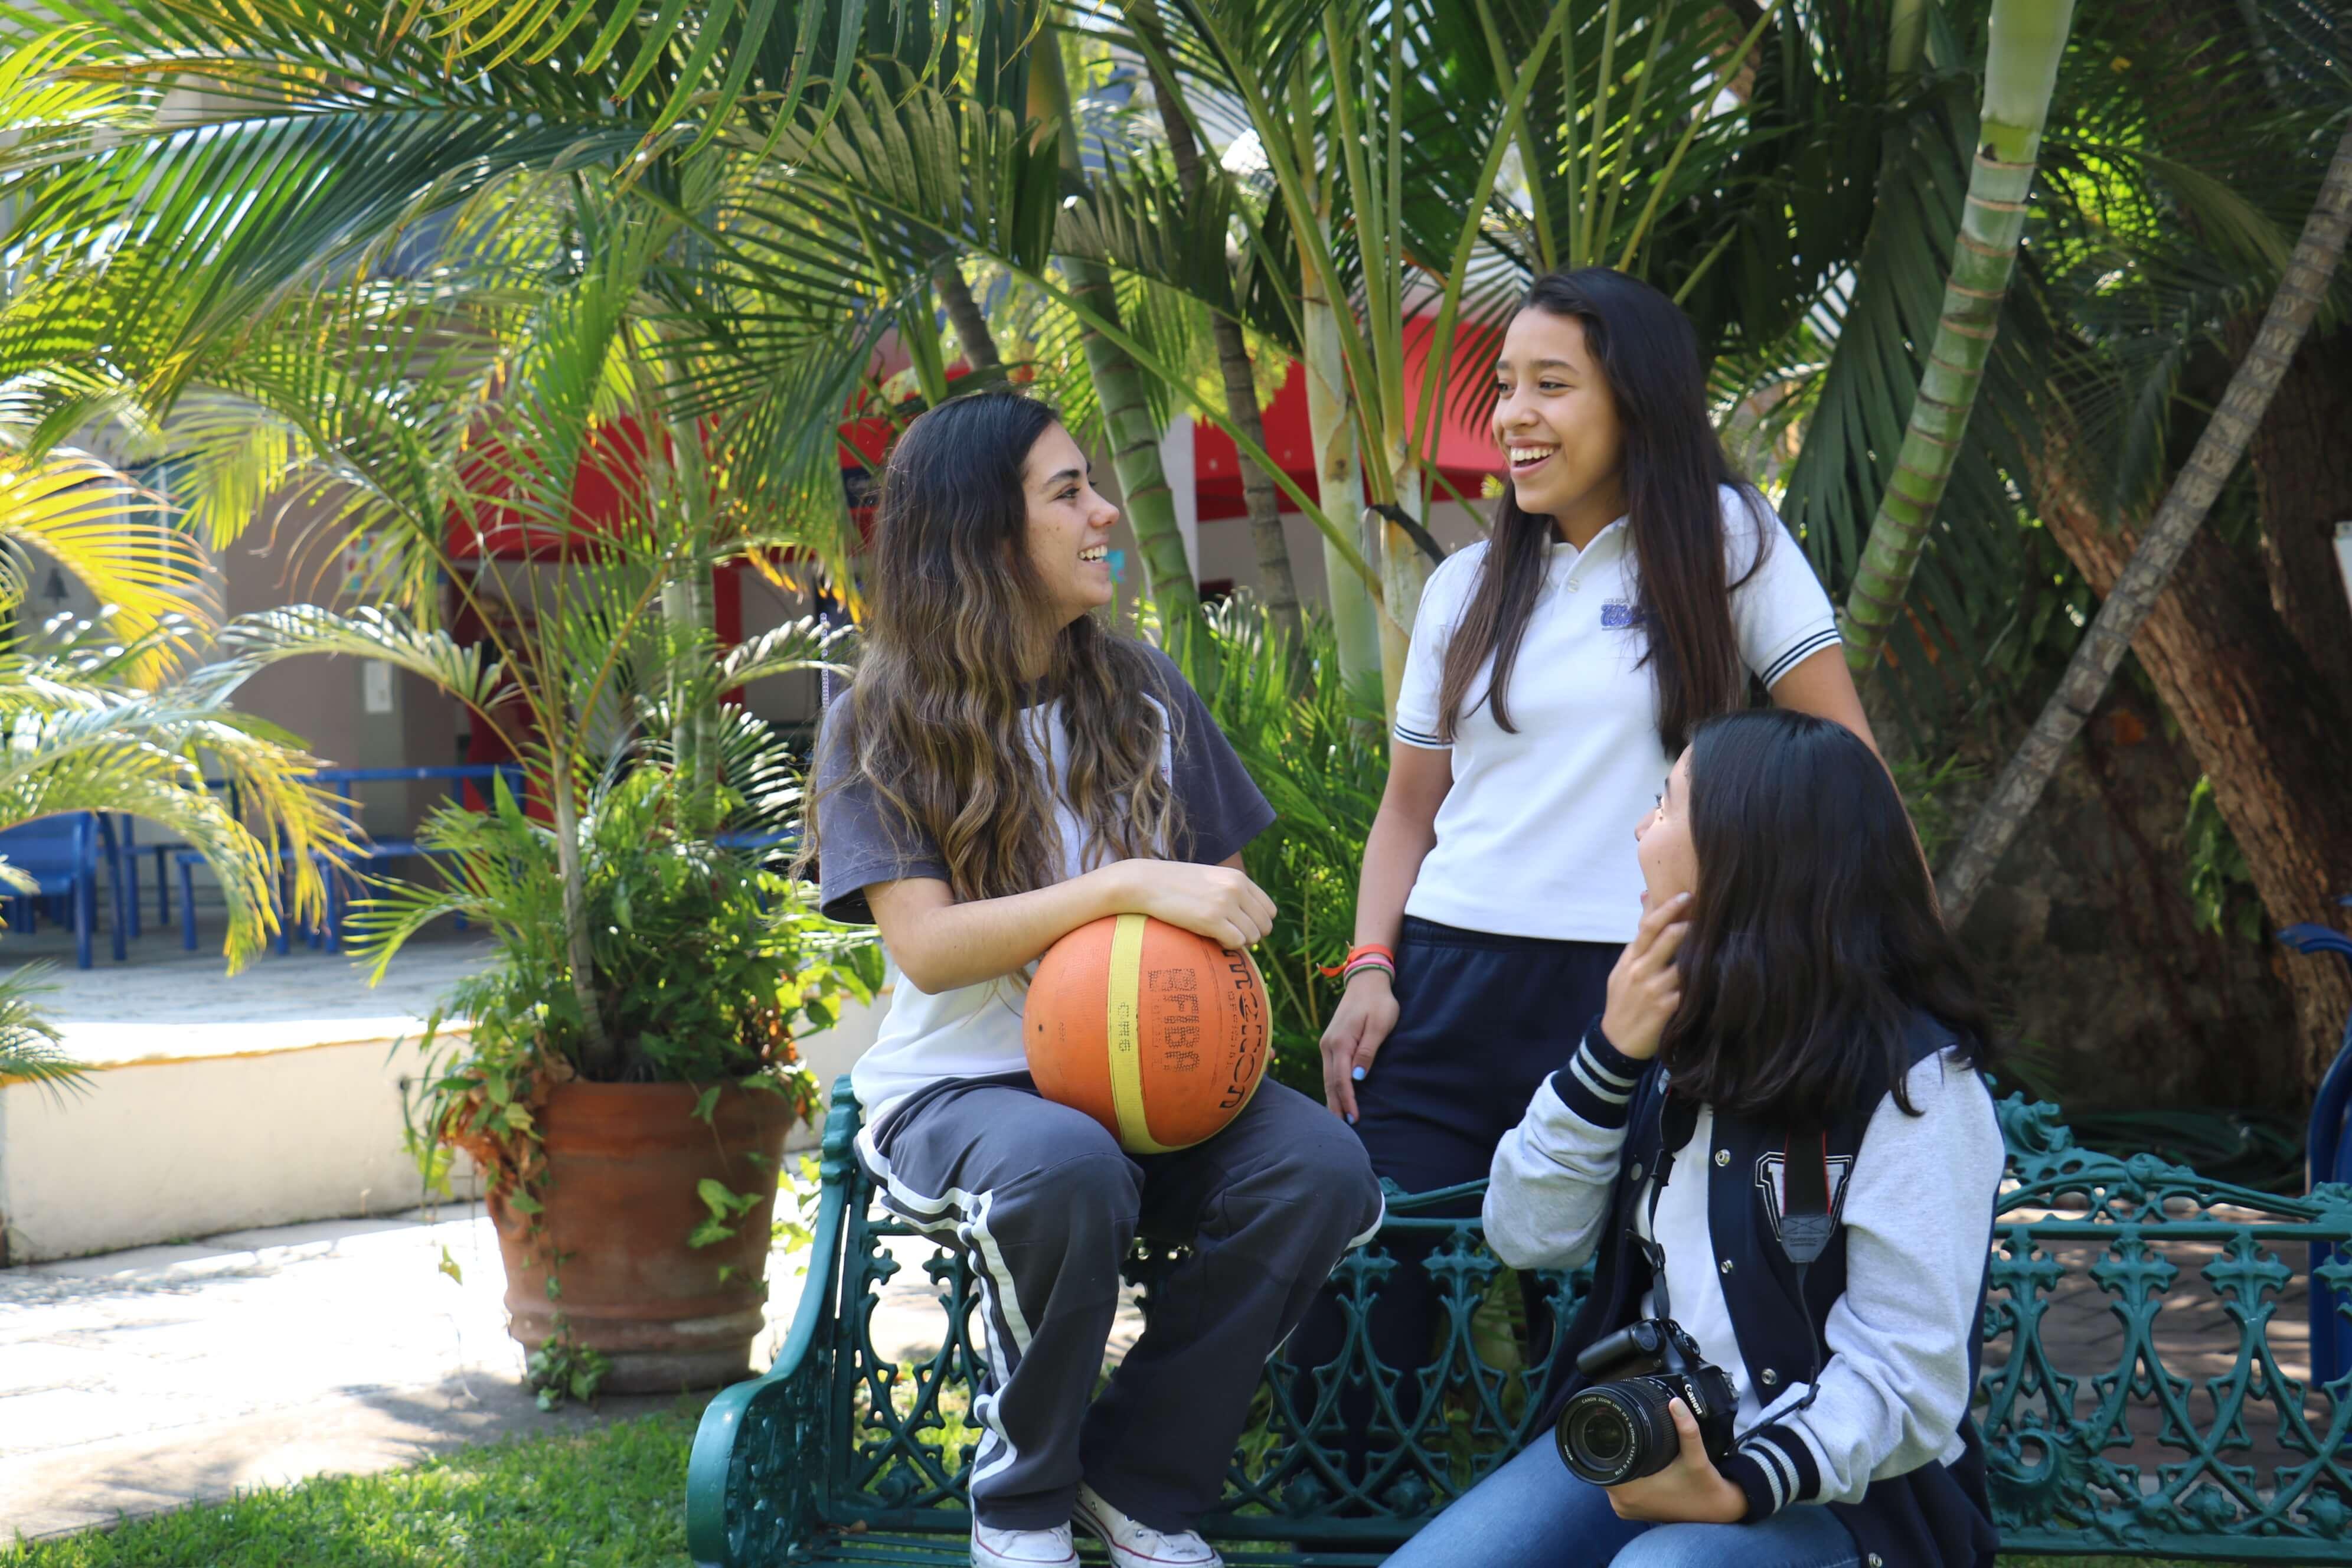 Blog-Imagen-por-que-estudiar-prepa-colegio-williams-cuernavaca-persigue-pasiones-Colegio-Williams-de-Cuernavaca-Ago20